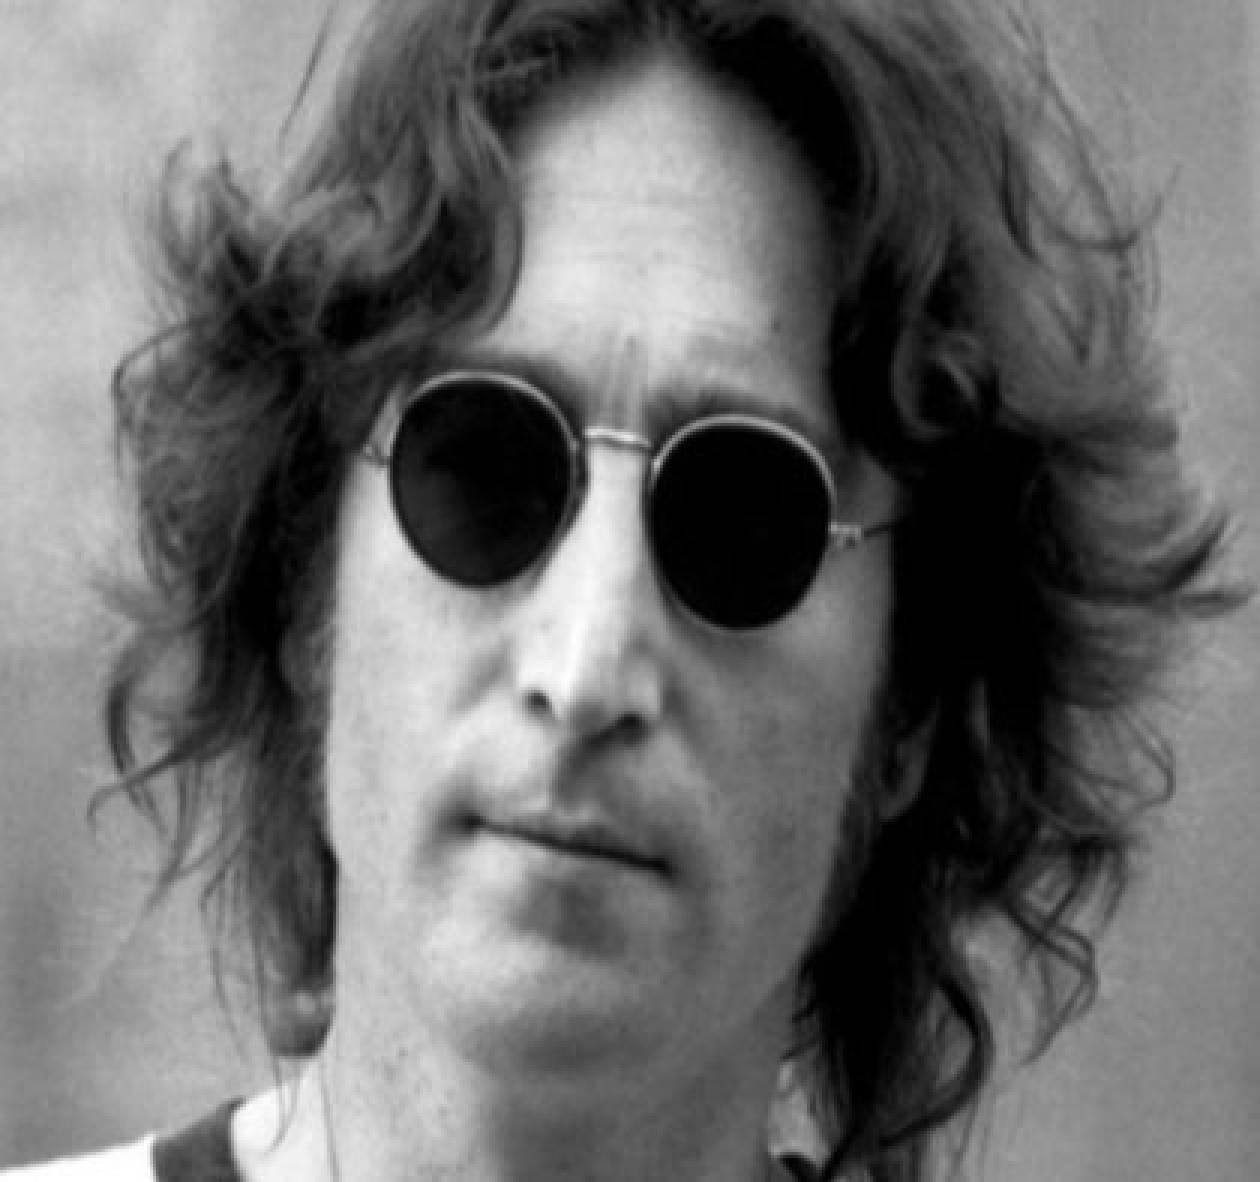 Σε τιμή σοκ ο δίσκος που υπέγραφε ο Lennon την ώρα που τον πυροβόλησαν